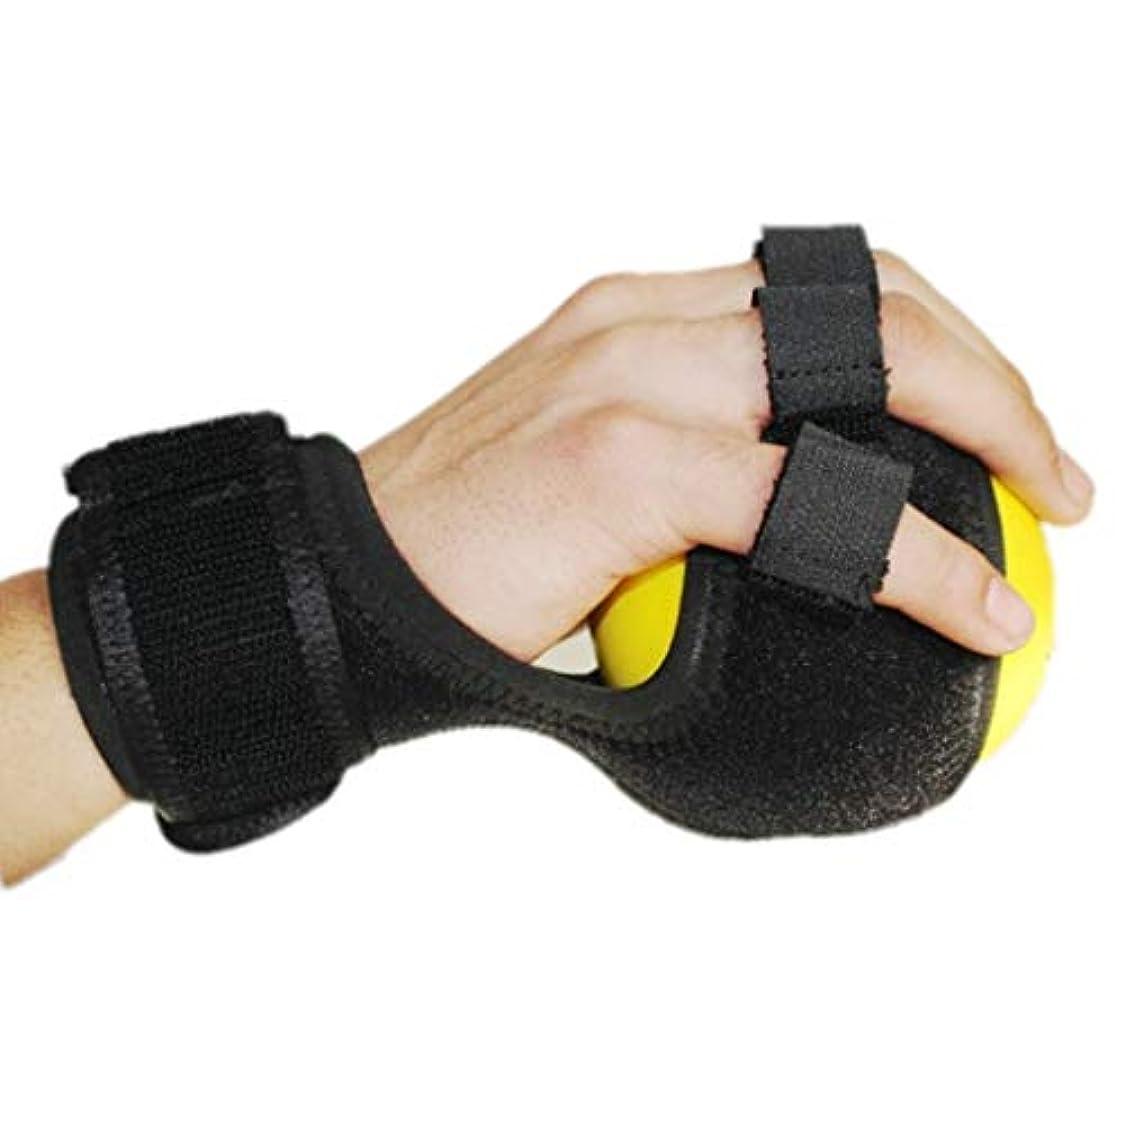 ミッションカイウス騒々しいグリップボールは手をつない機能障害アンチスクワット指補正デバイスのデバイストレーニング機器ストローク片麻痺リハビリトレーニングデバイスを参照します